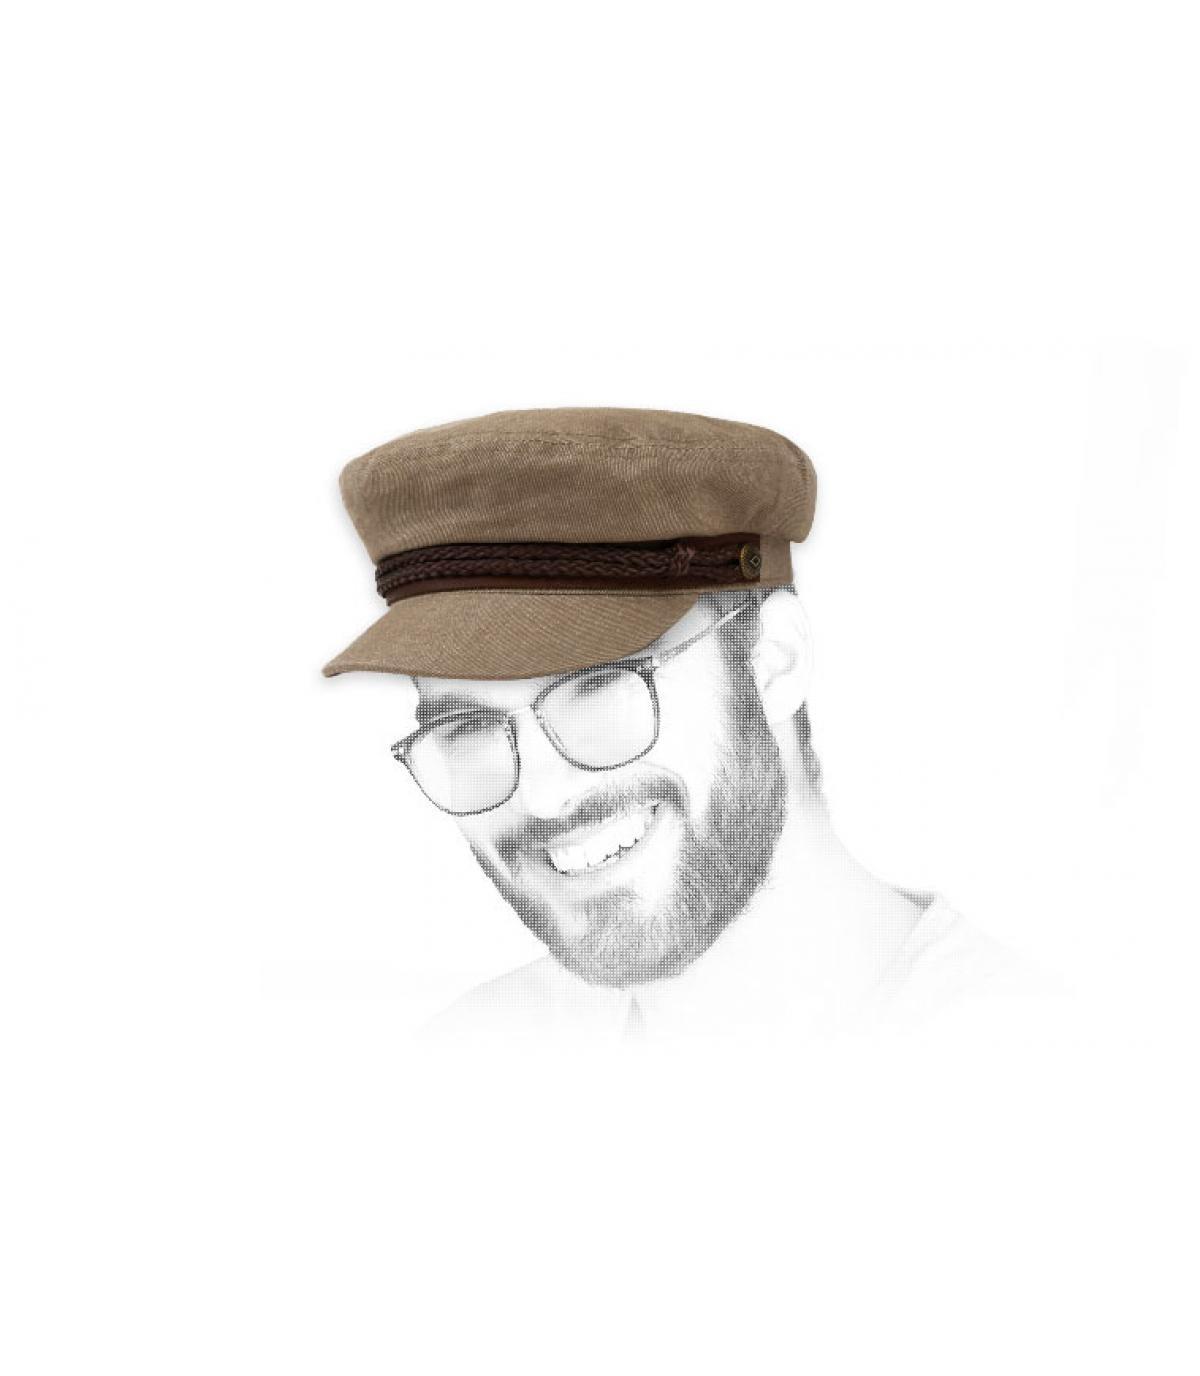 Brixton cappello di marinaio khaki